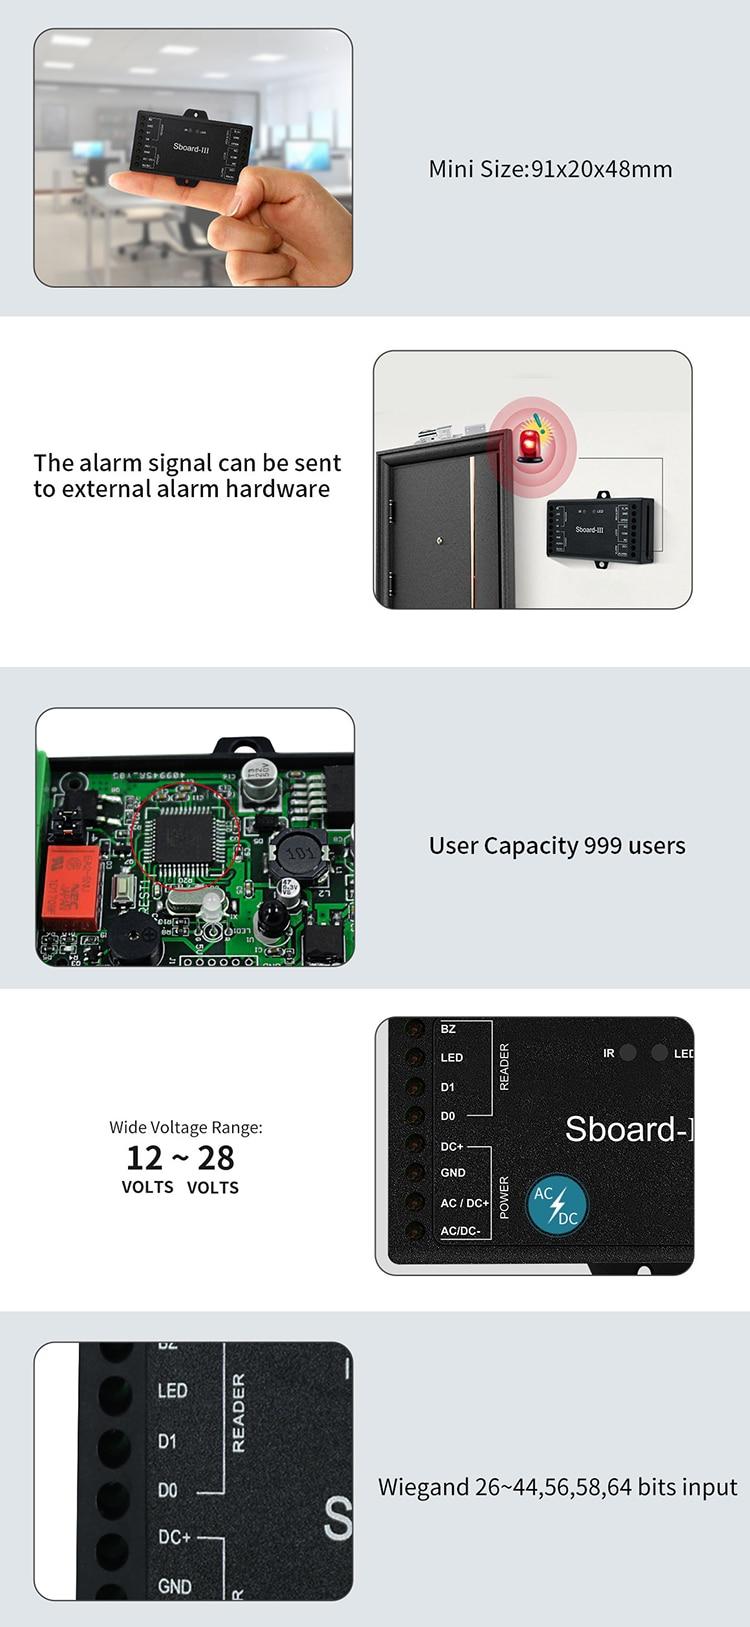 Sboard-III